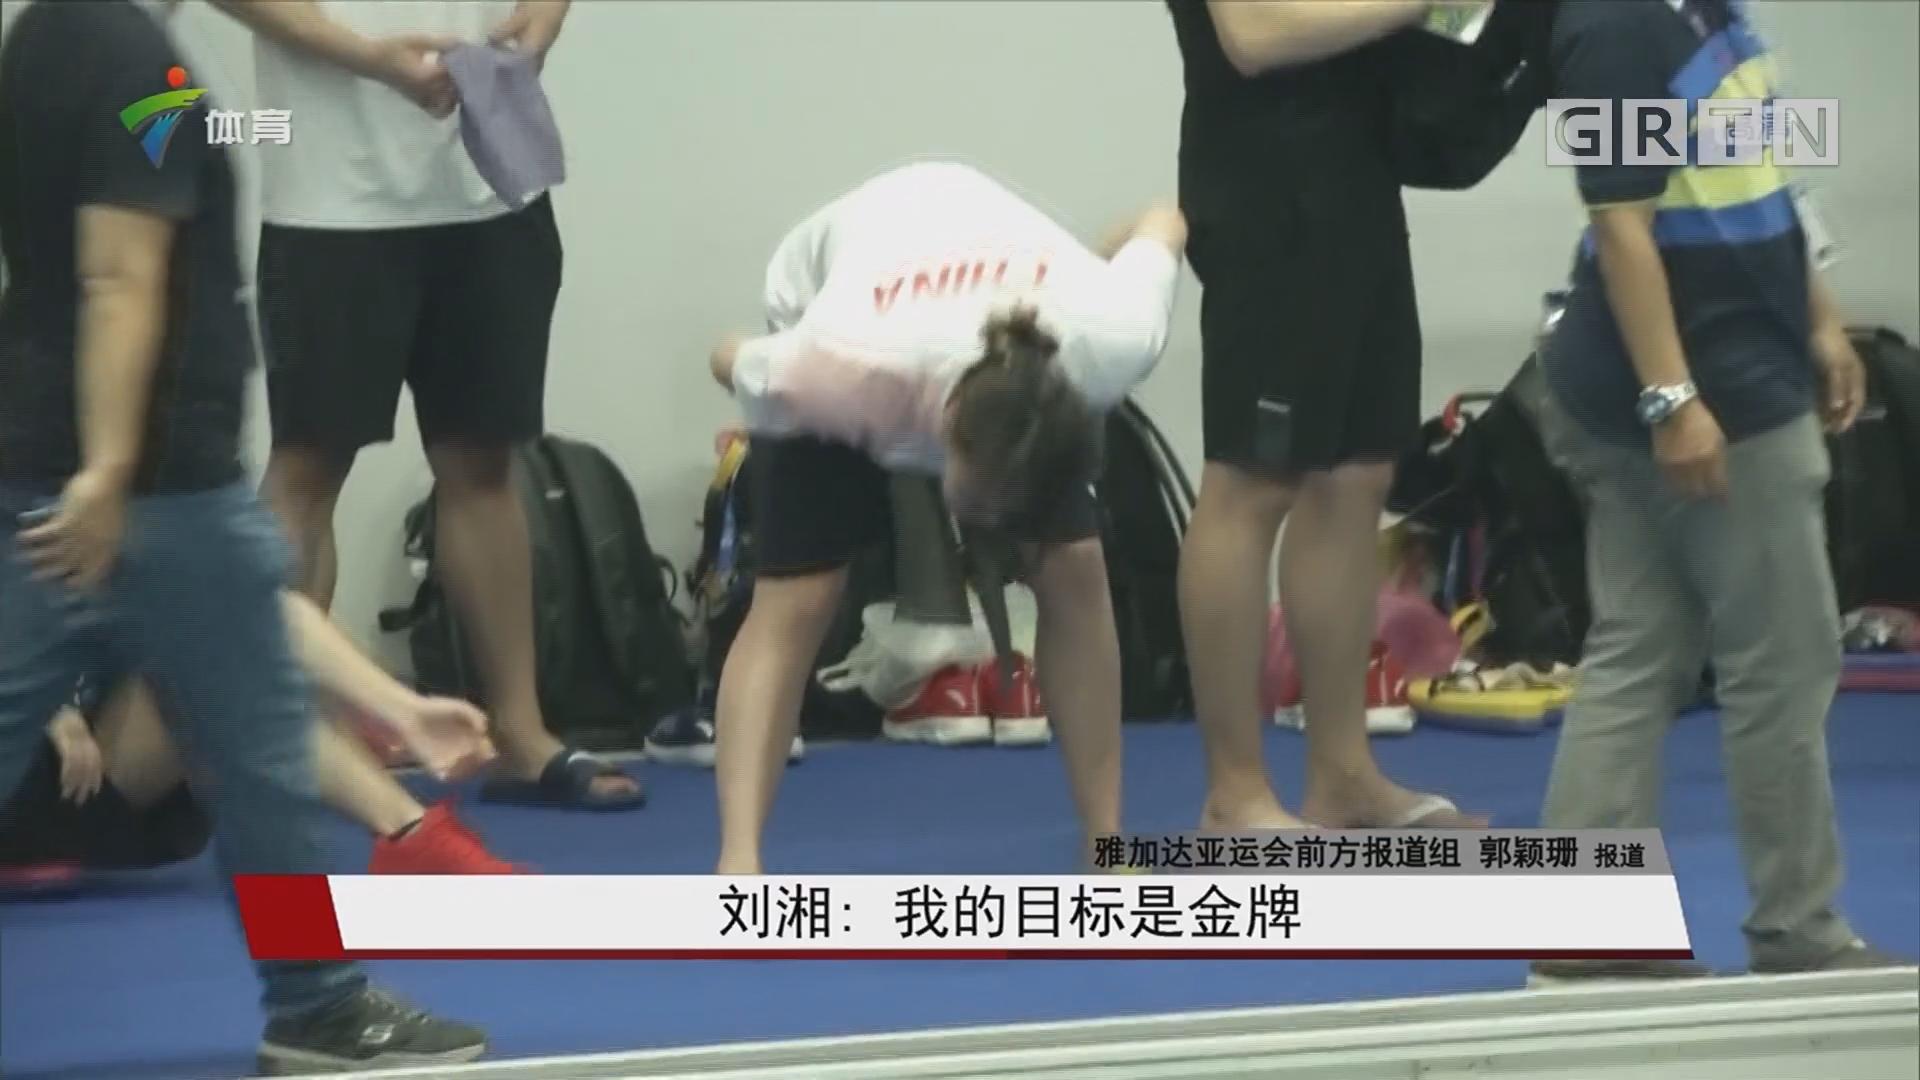 刘湘:我的目标是金牌